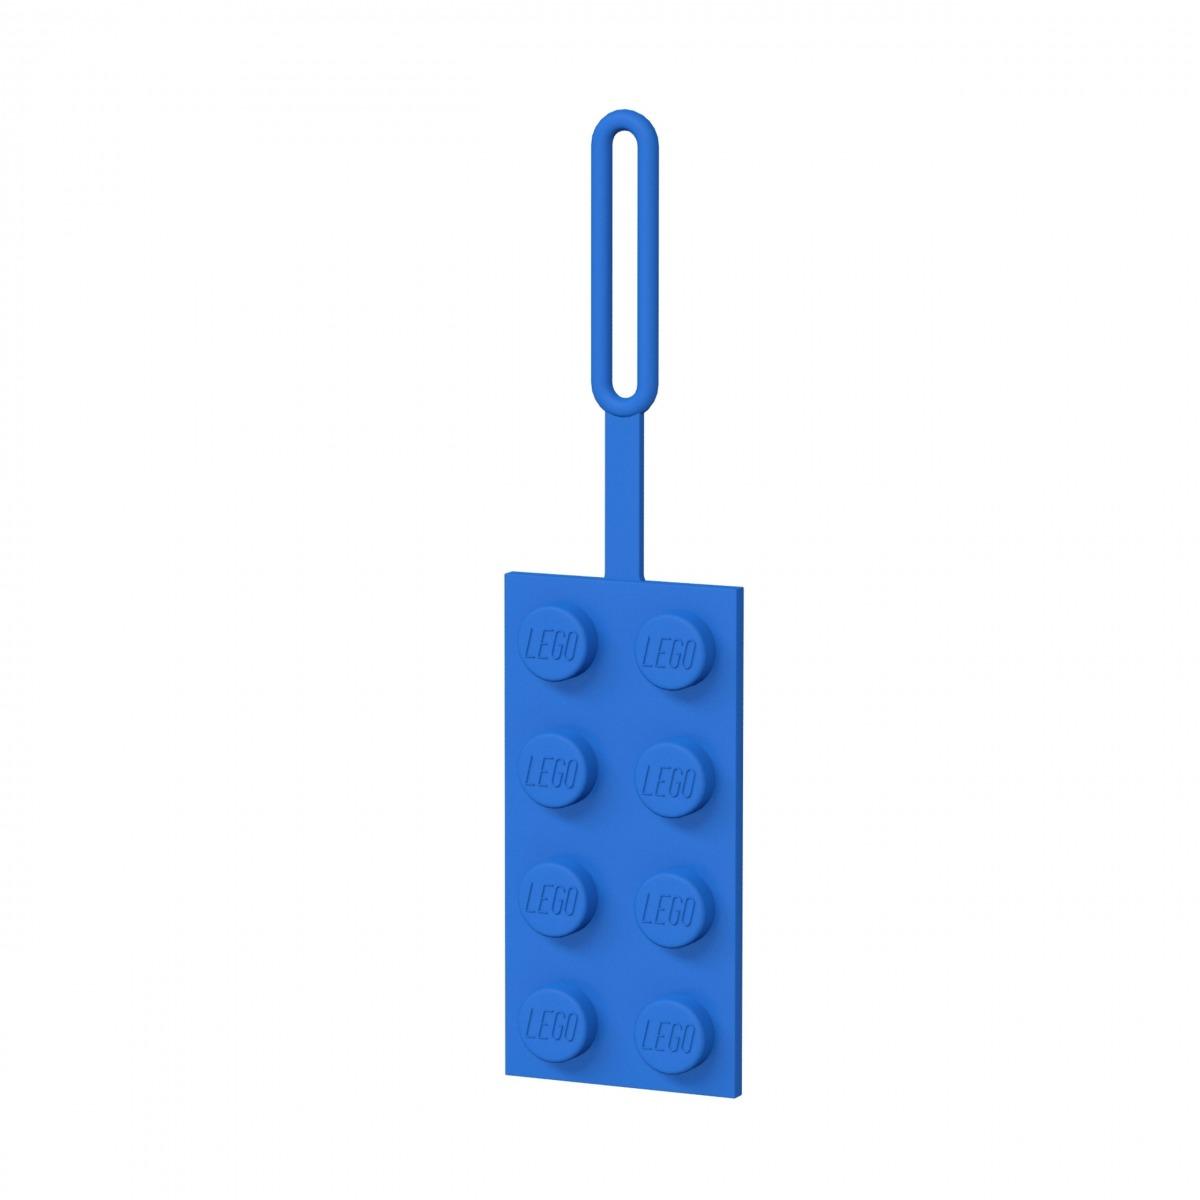 blauer lego 5005543 2x4 stein gepackanhanger scaled